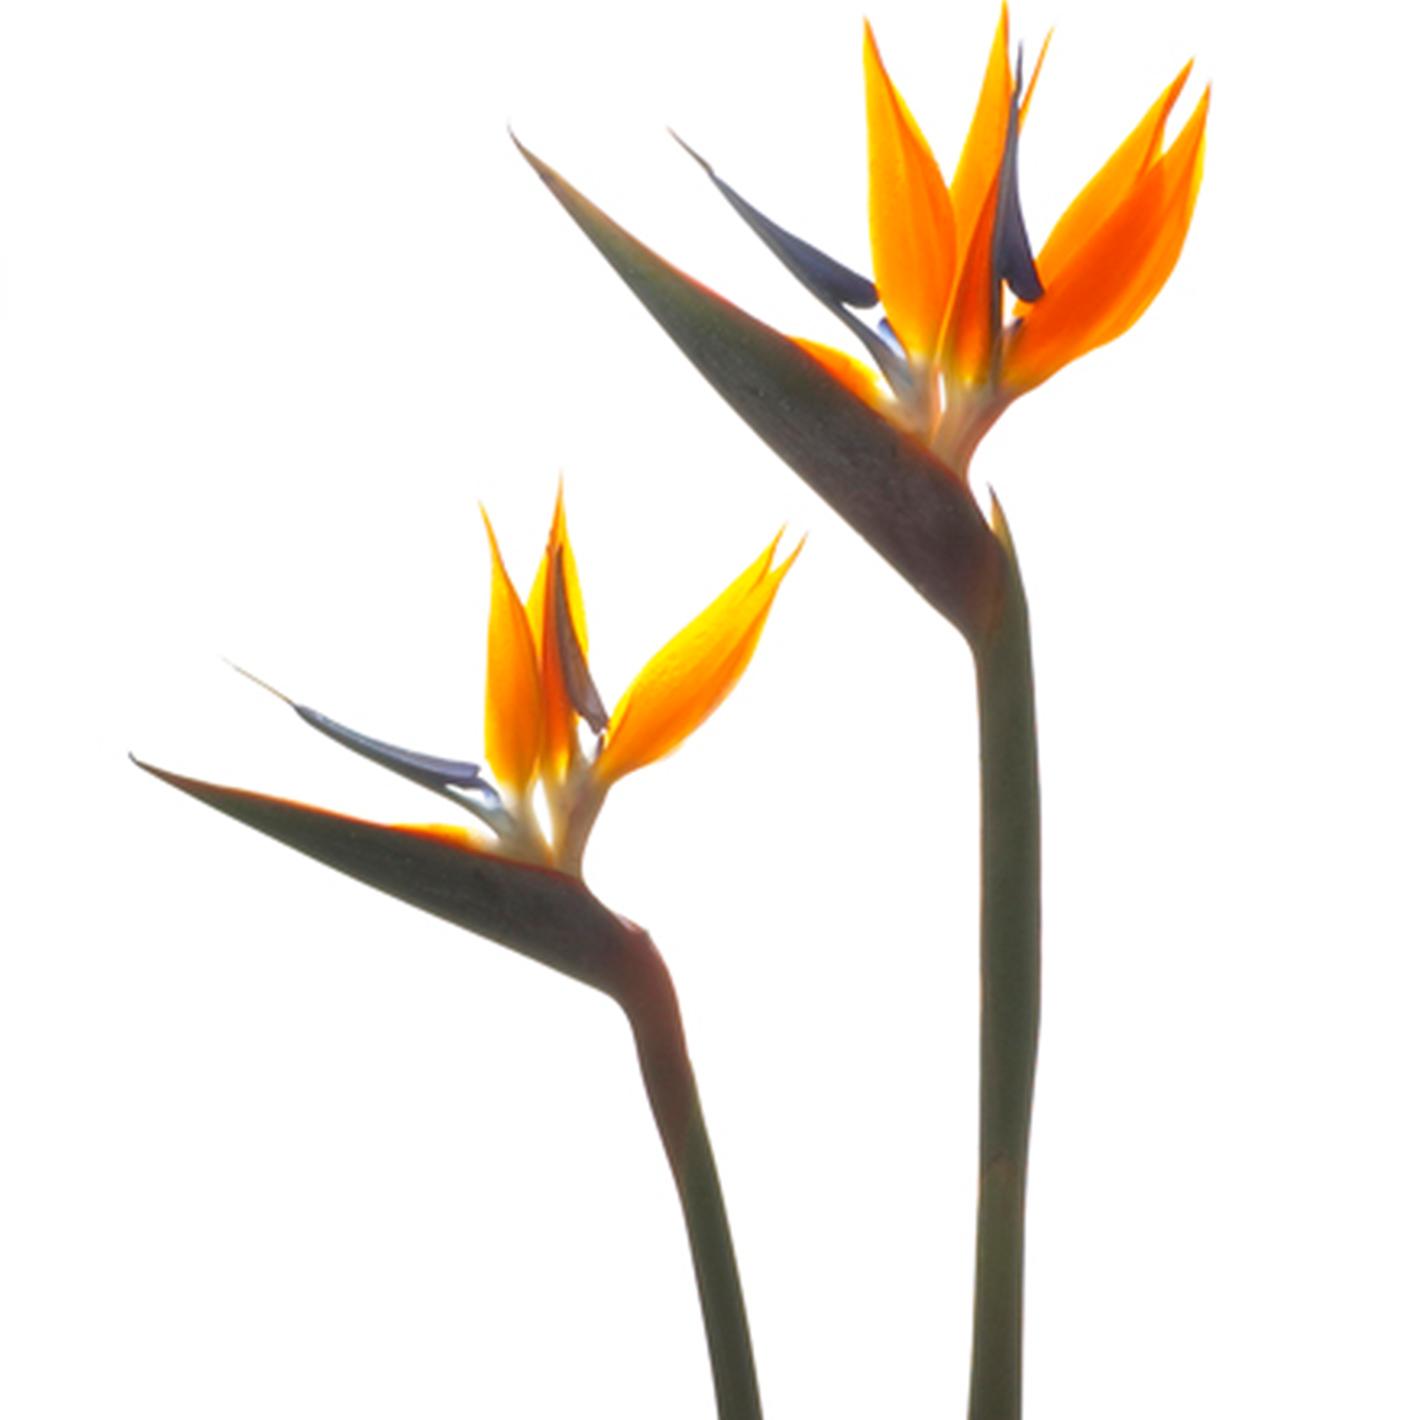 価格.com】ストレリチア・レギネ(極楽鳥花)の育て方・通販